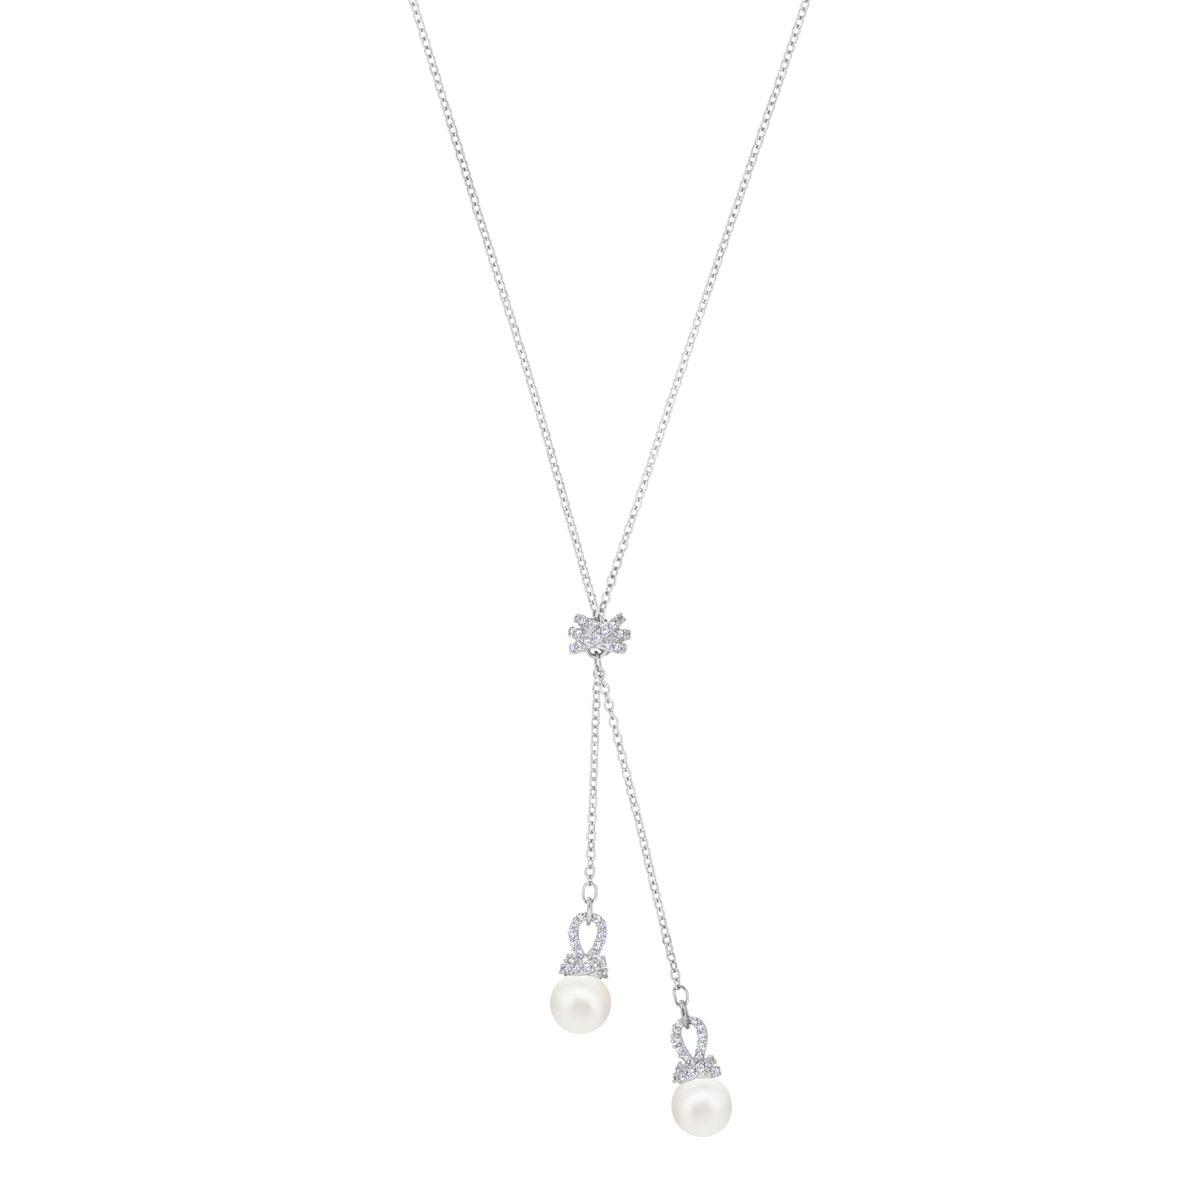 Swarovski Crystal, Pearl and Rhodium Originally Y Necklace